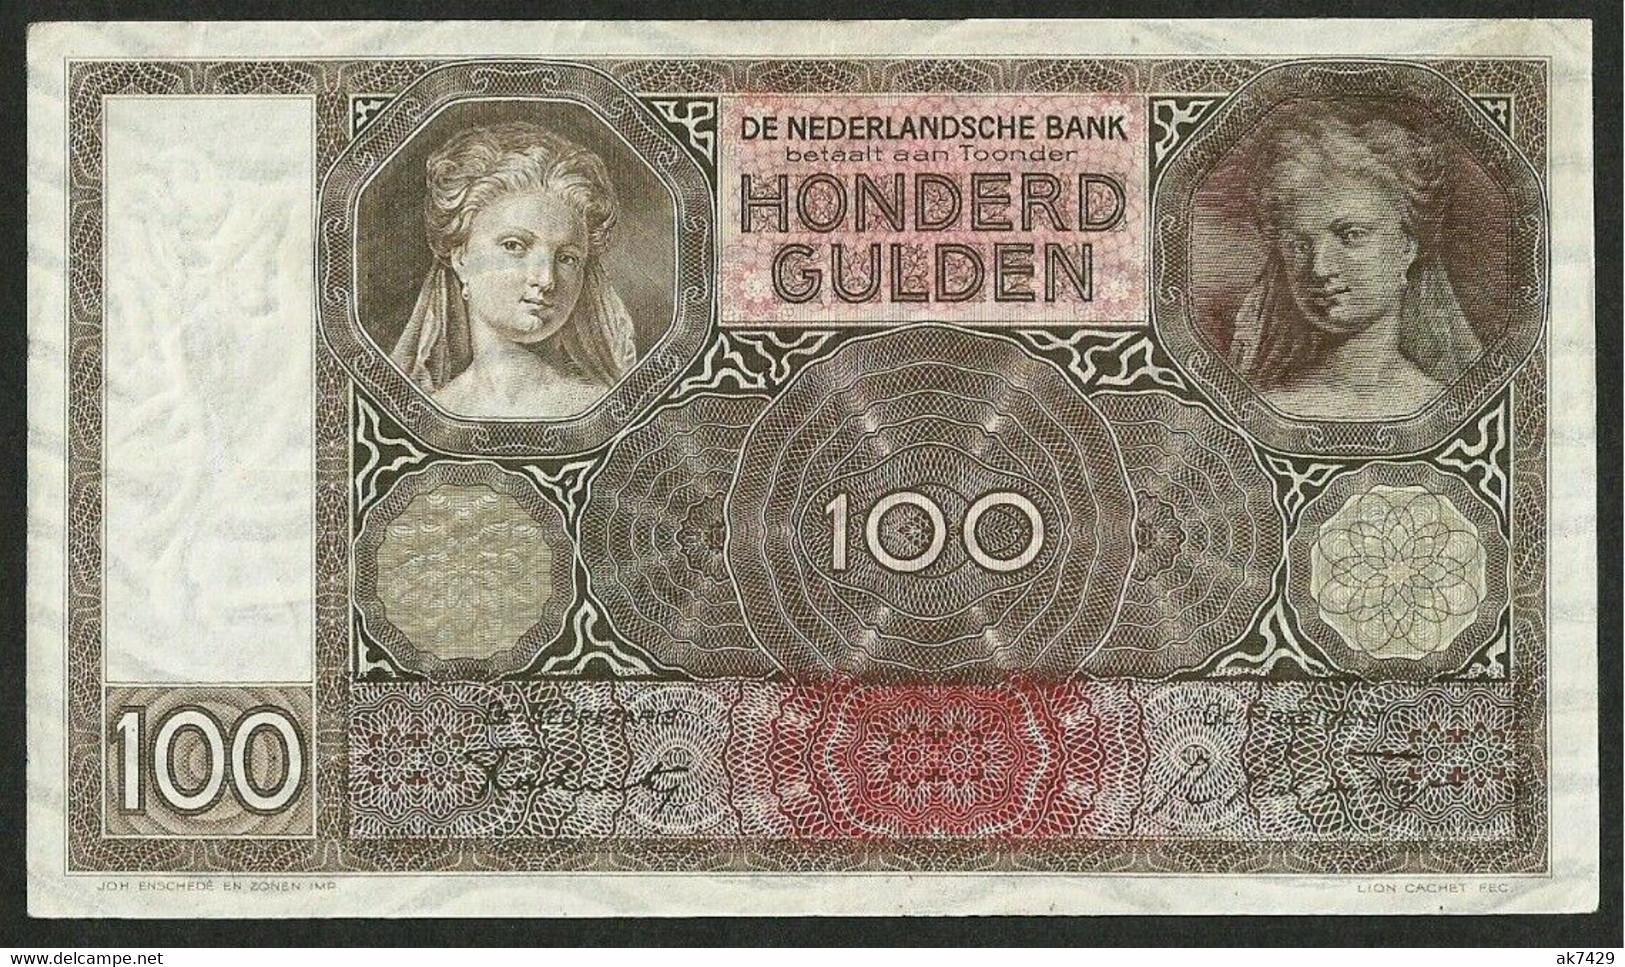 NETHERLANDS / NIEDERLANDE 100 GULDEN 1942 (1930-1944 Issue) P#51c VF - 100 Florín Holandés (gulden)